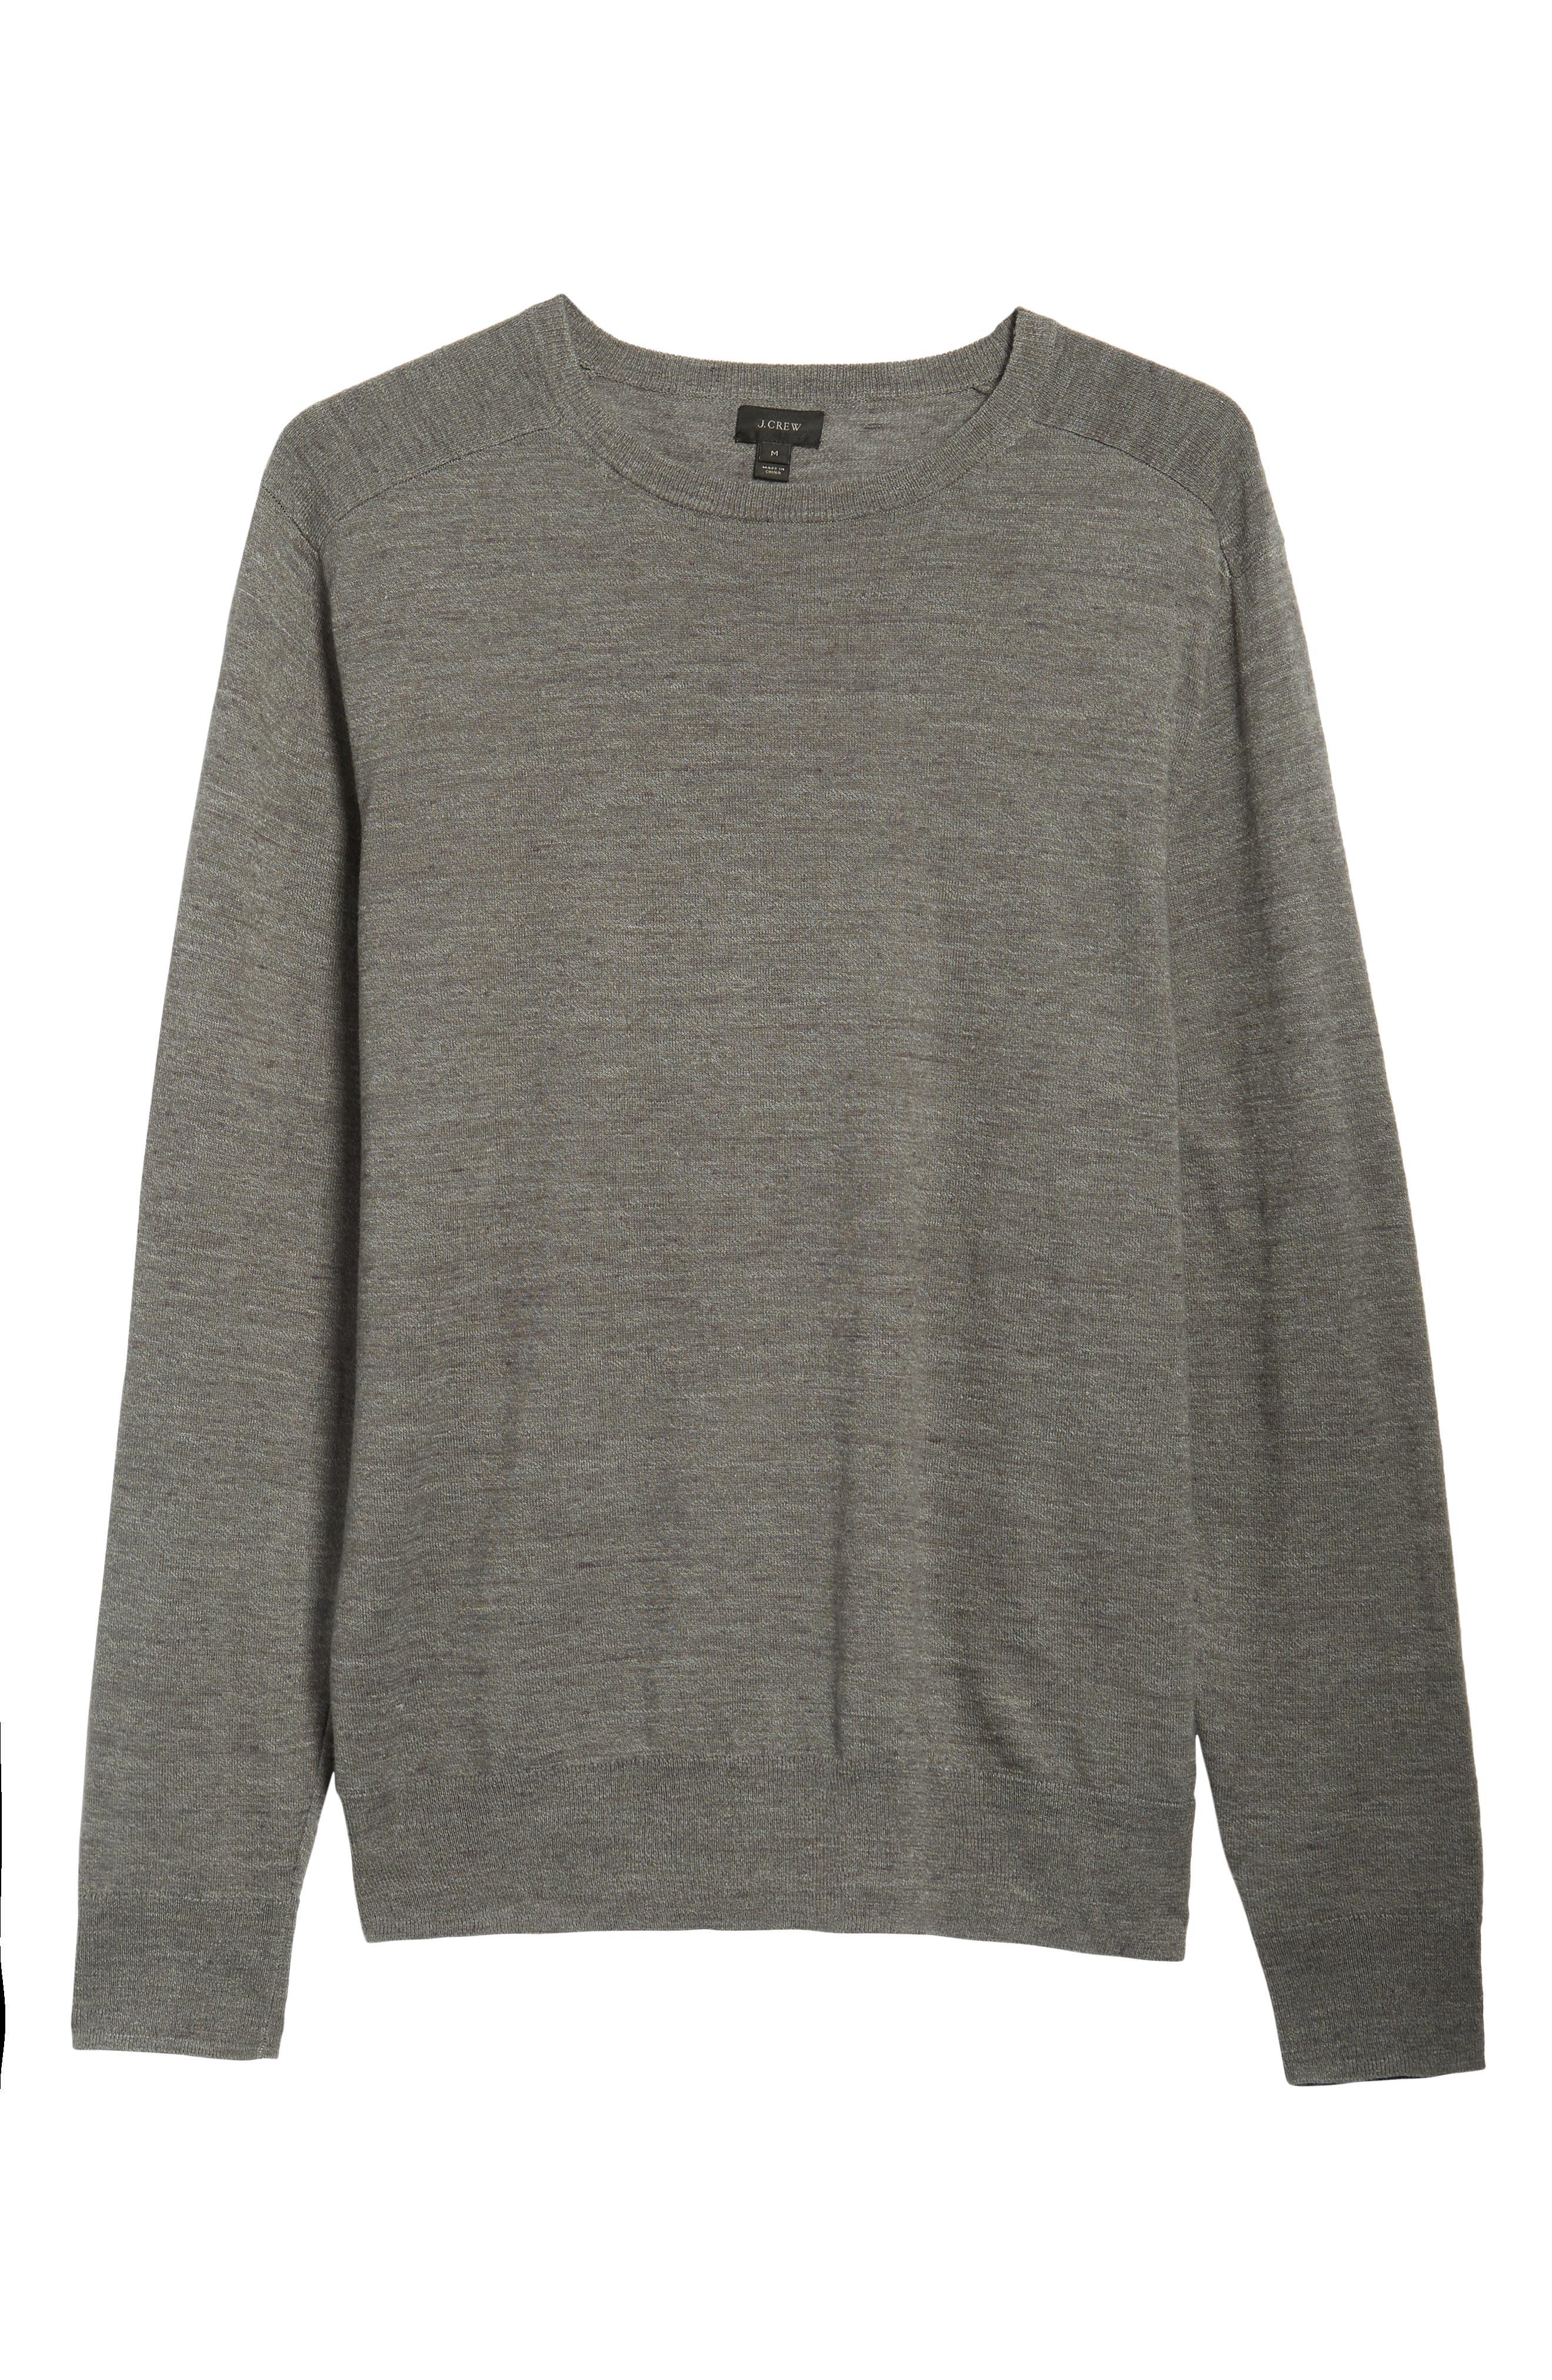 Cotton Blend Crewneck Sweater,                             Alternate thumbnail 6, color,                             022